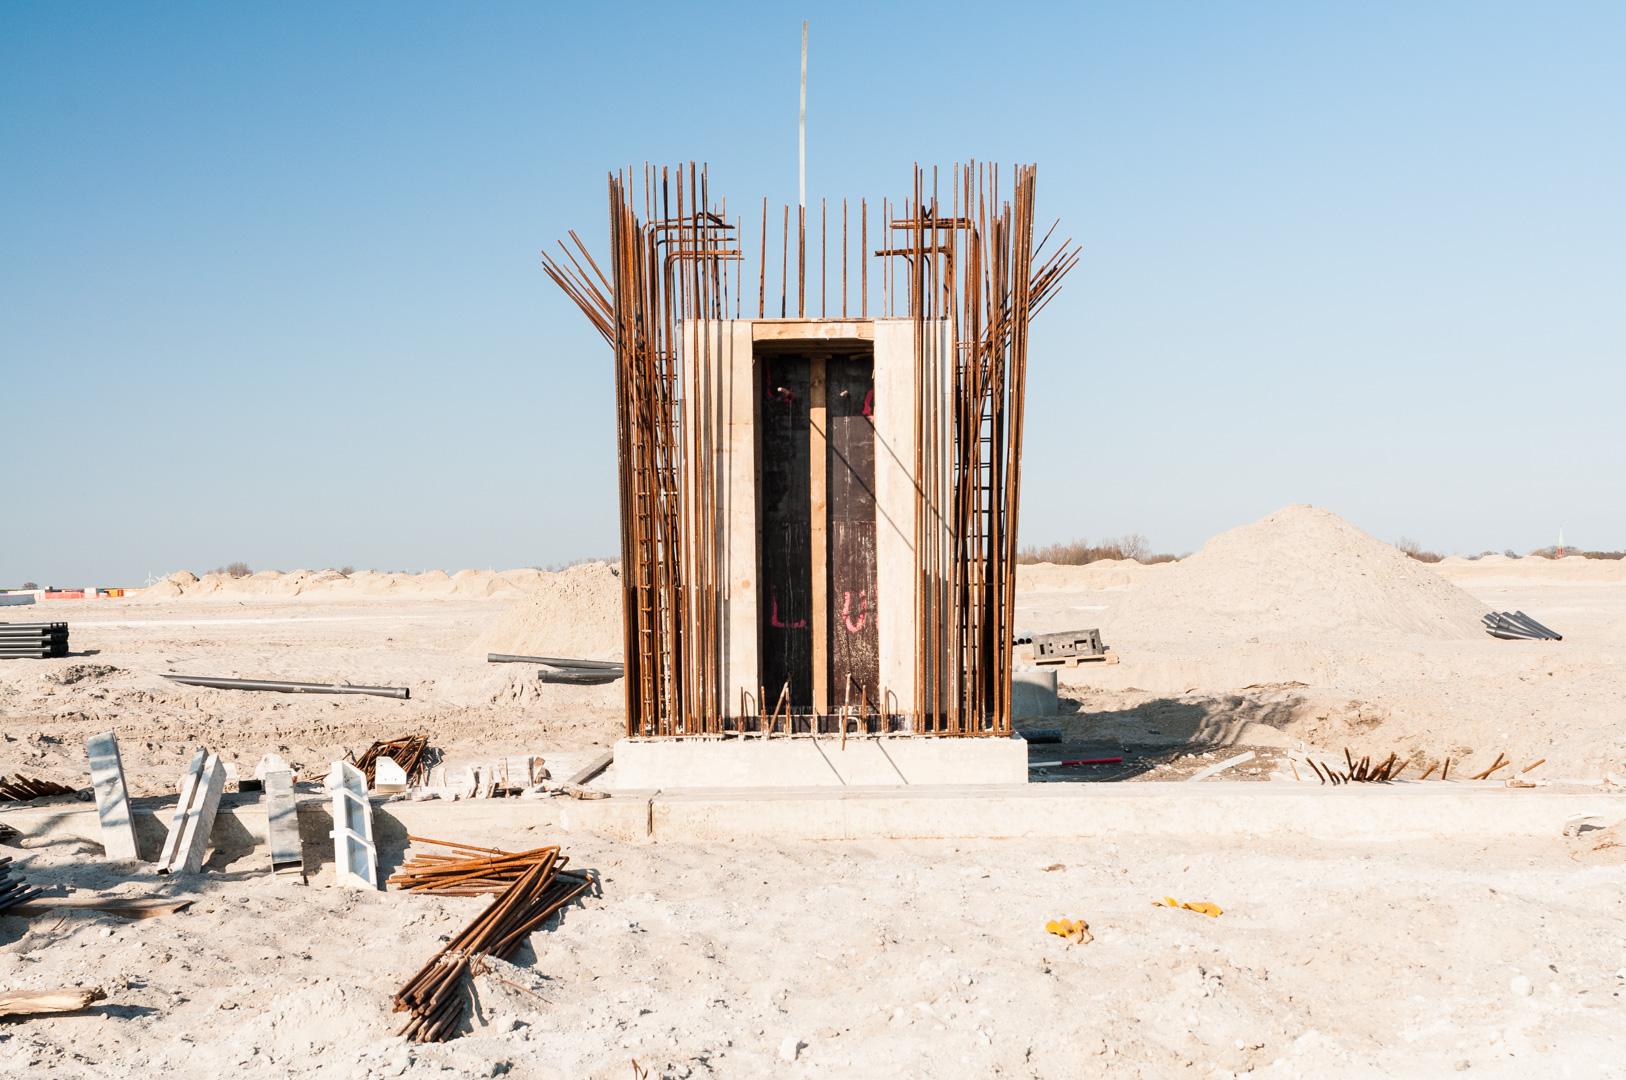 CT4 Bremerhaven Construction site